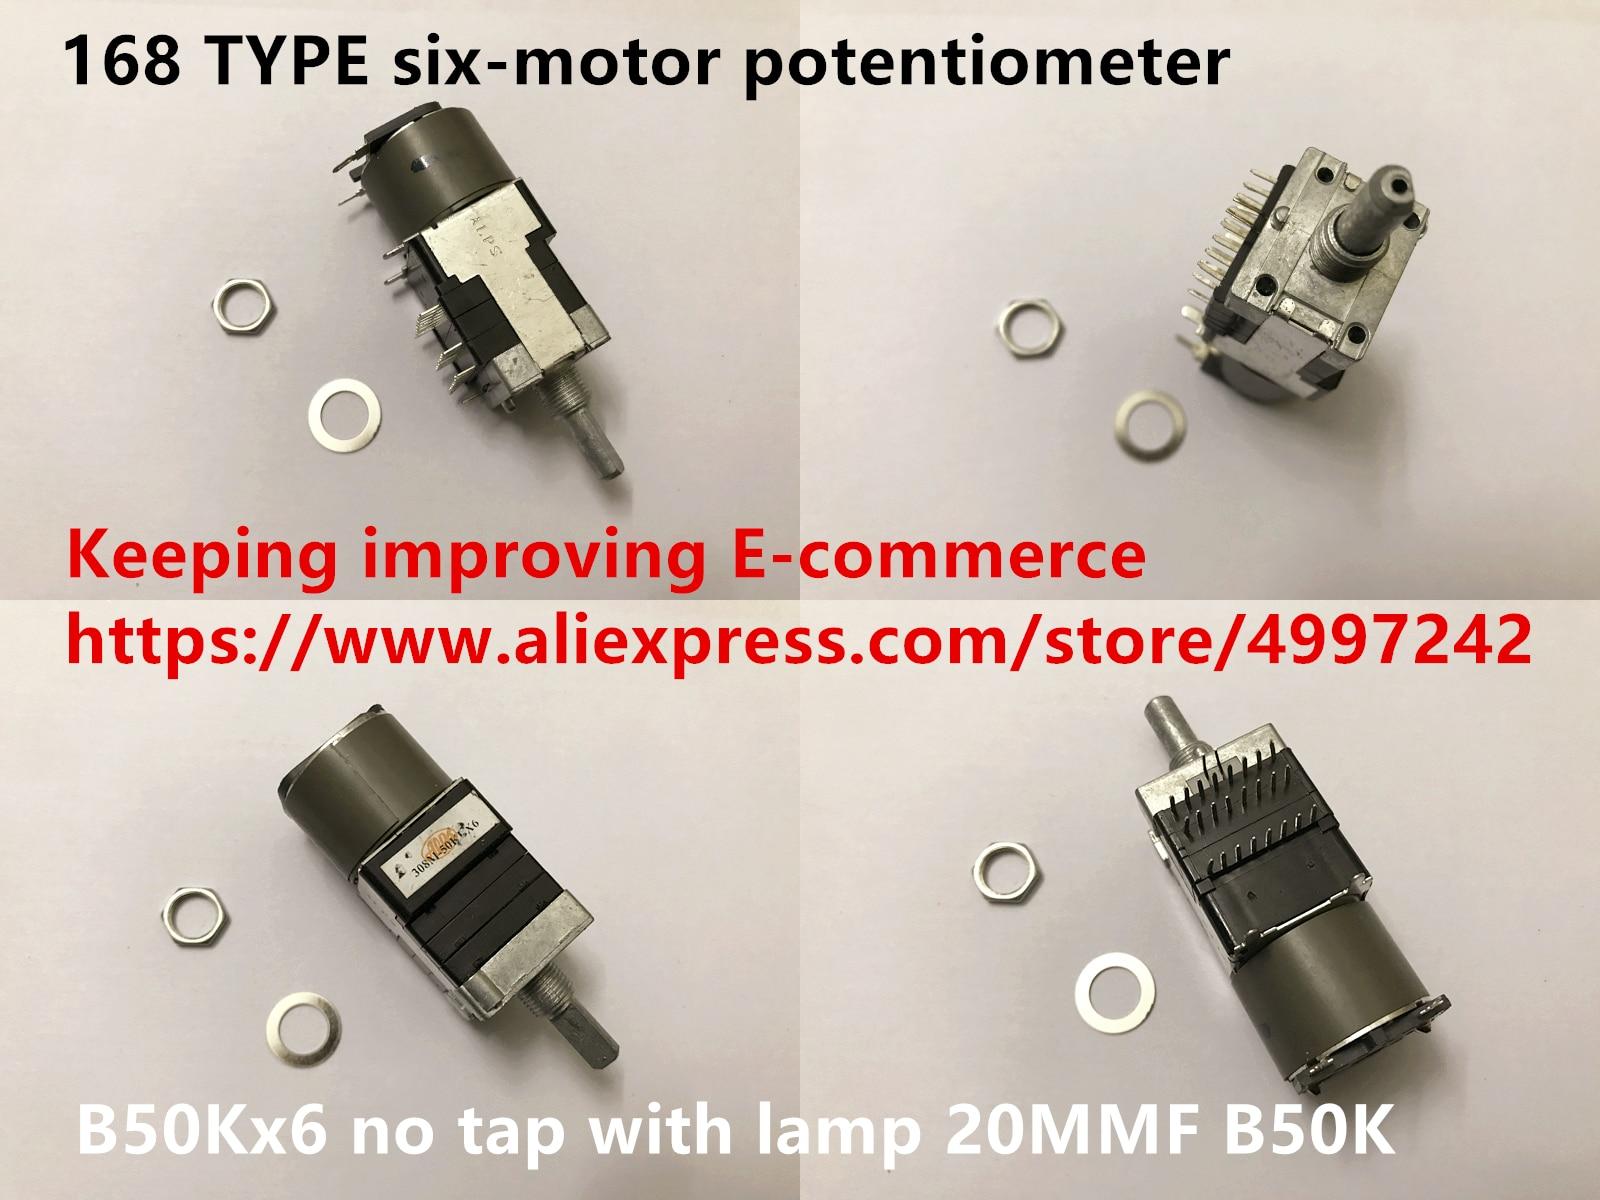 Original nouveau 100% japon importation 168 TYPE six-moteur potentiomètre B50Kx6 pas de robinet avec lampe 20MMF B50K (interrupteur)